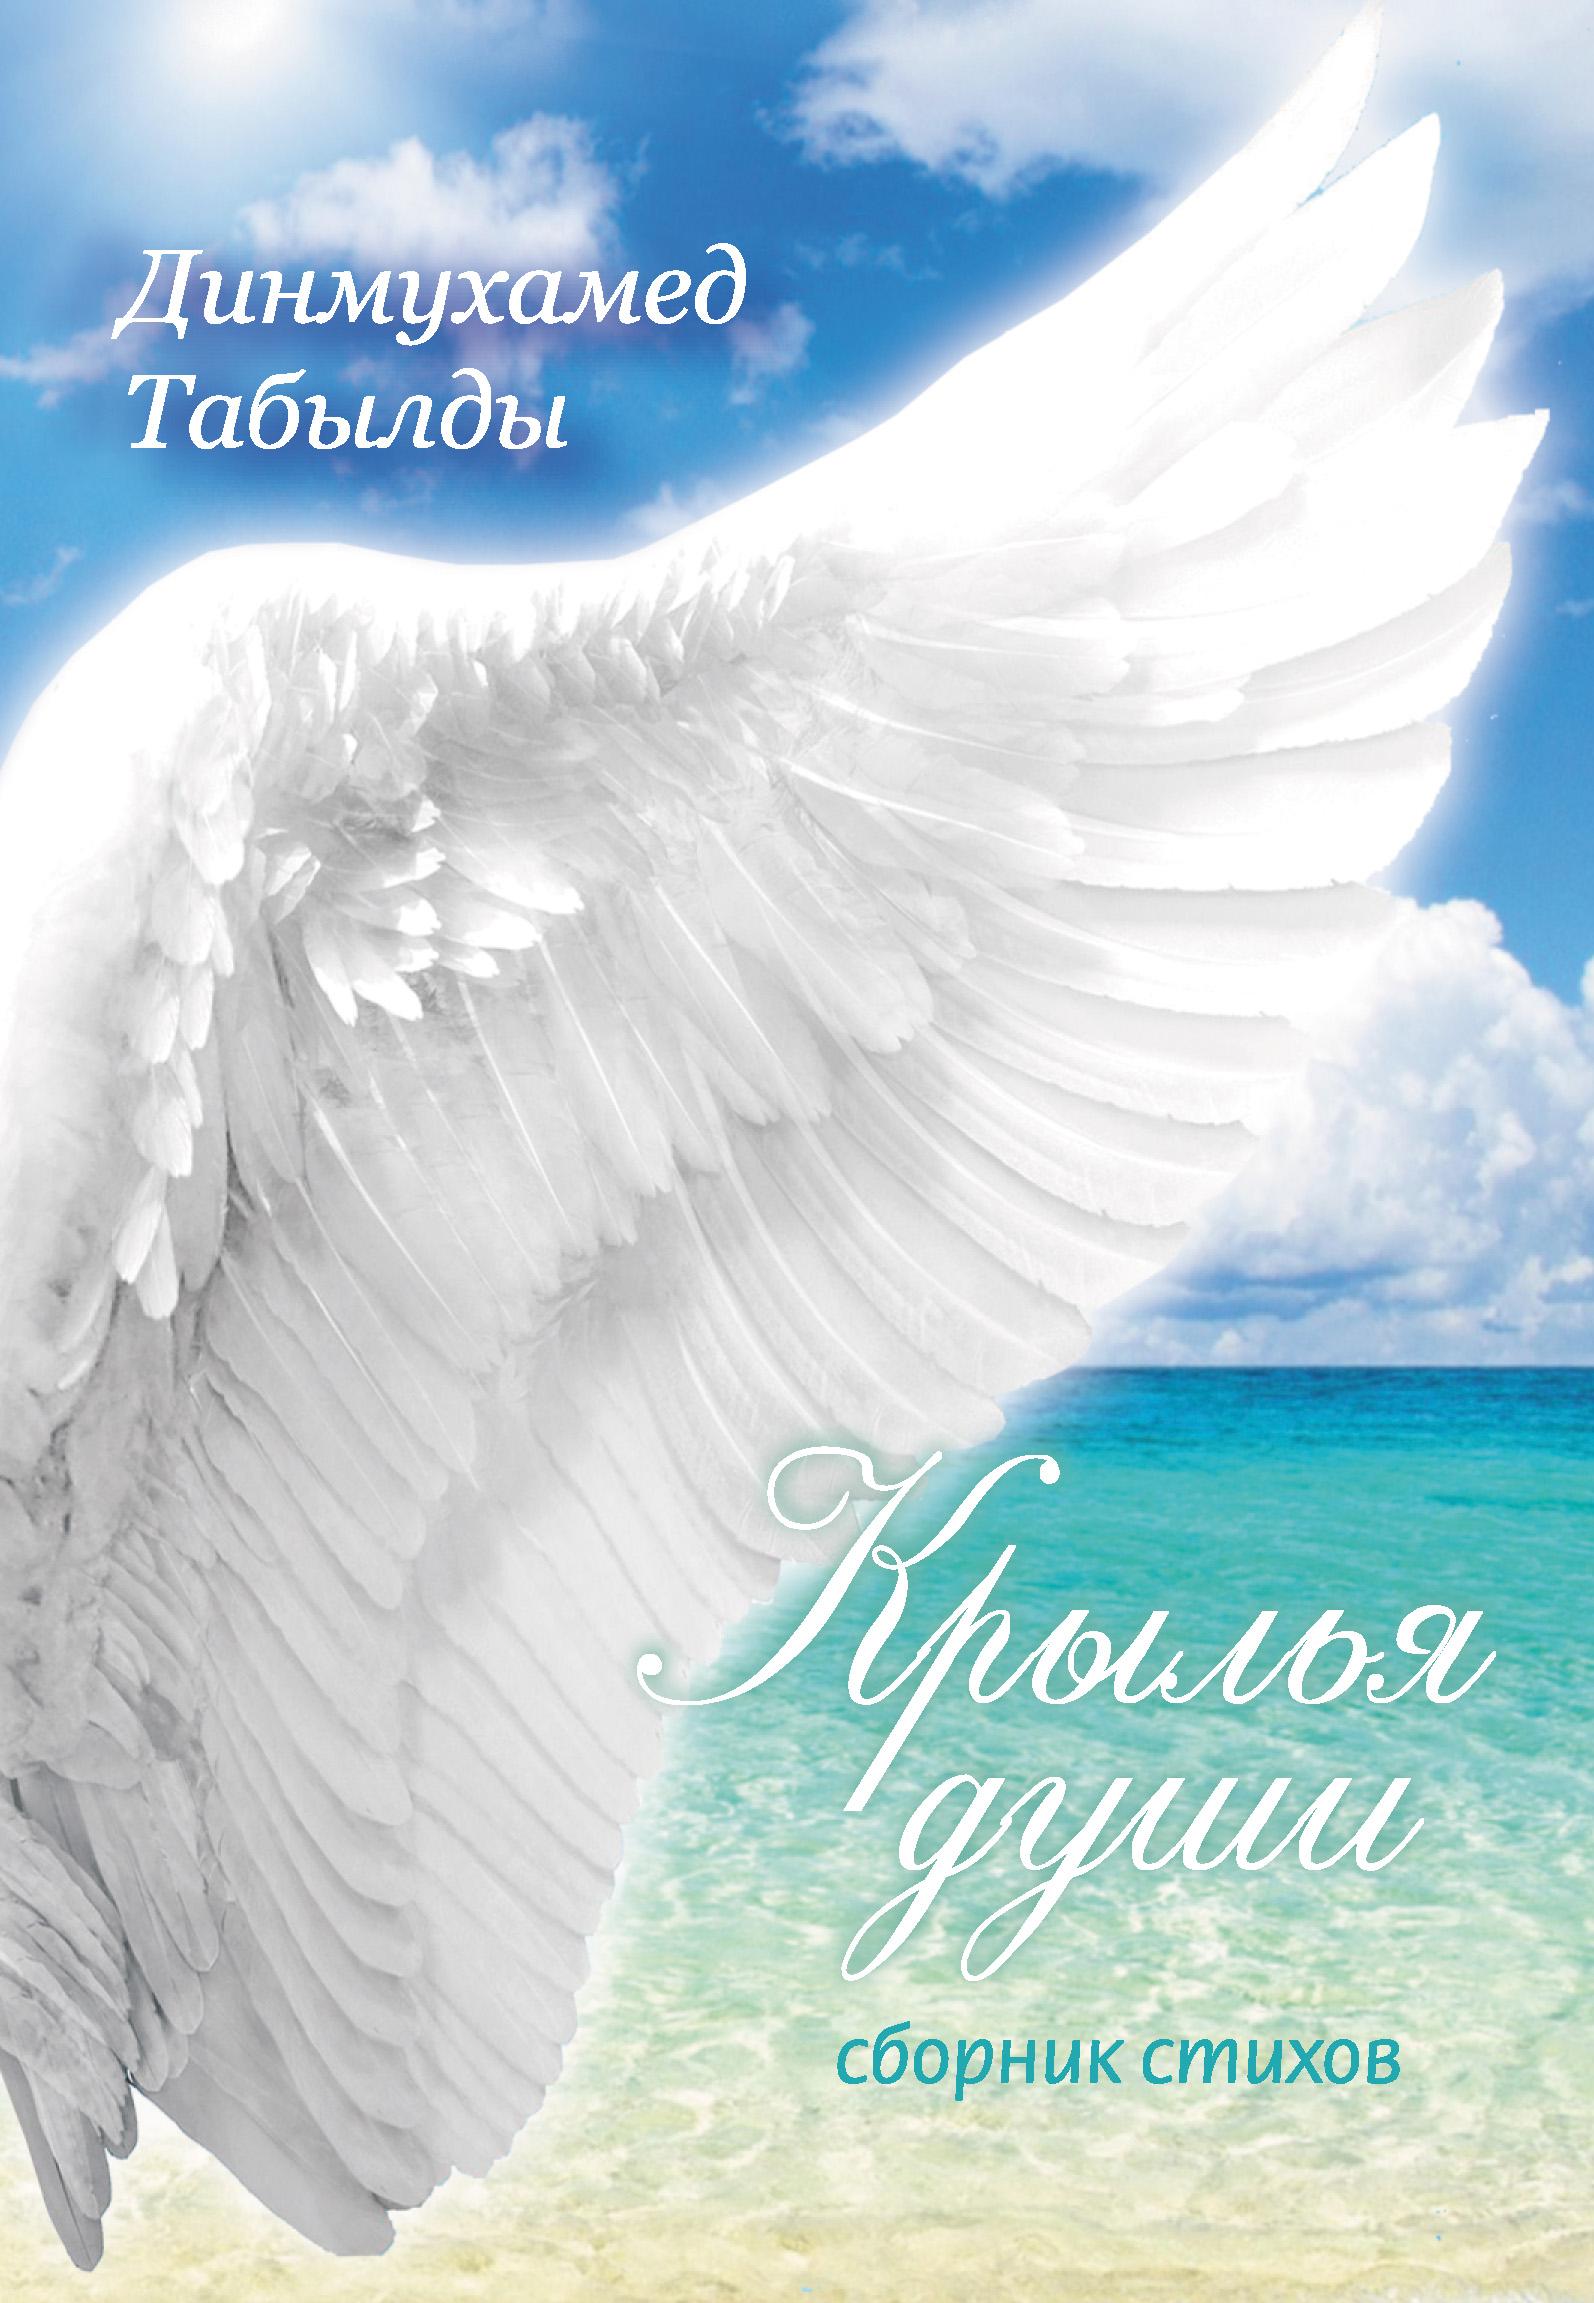 Динмухамед Табылды Крылья души марина бычковская золотые крылья сборник стихов